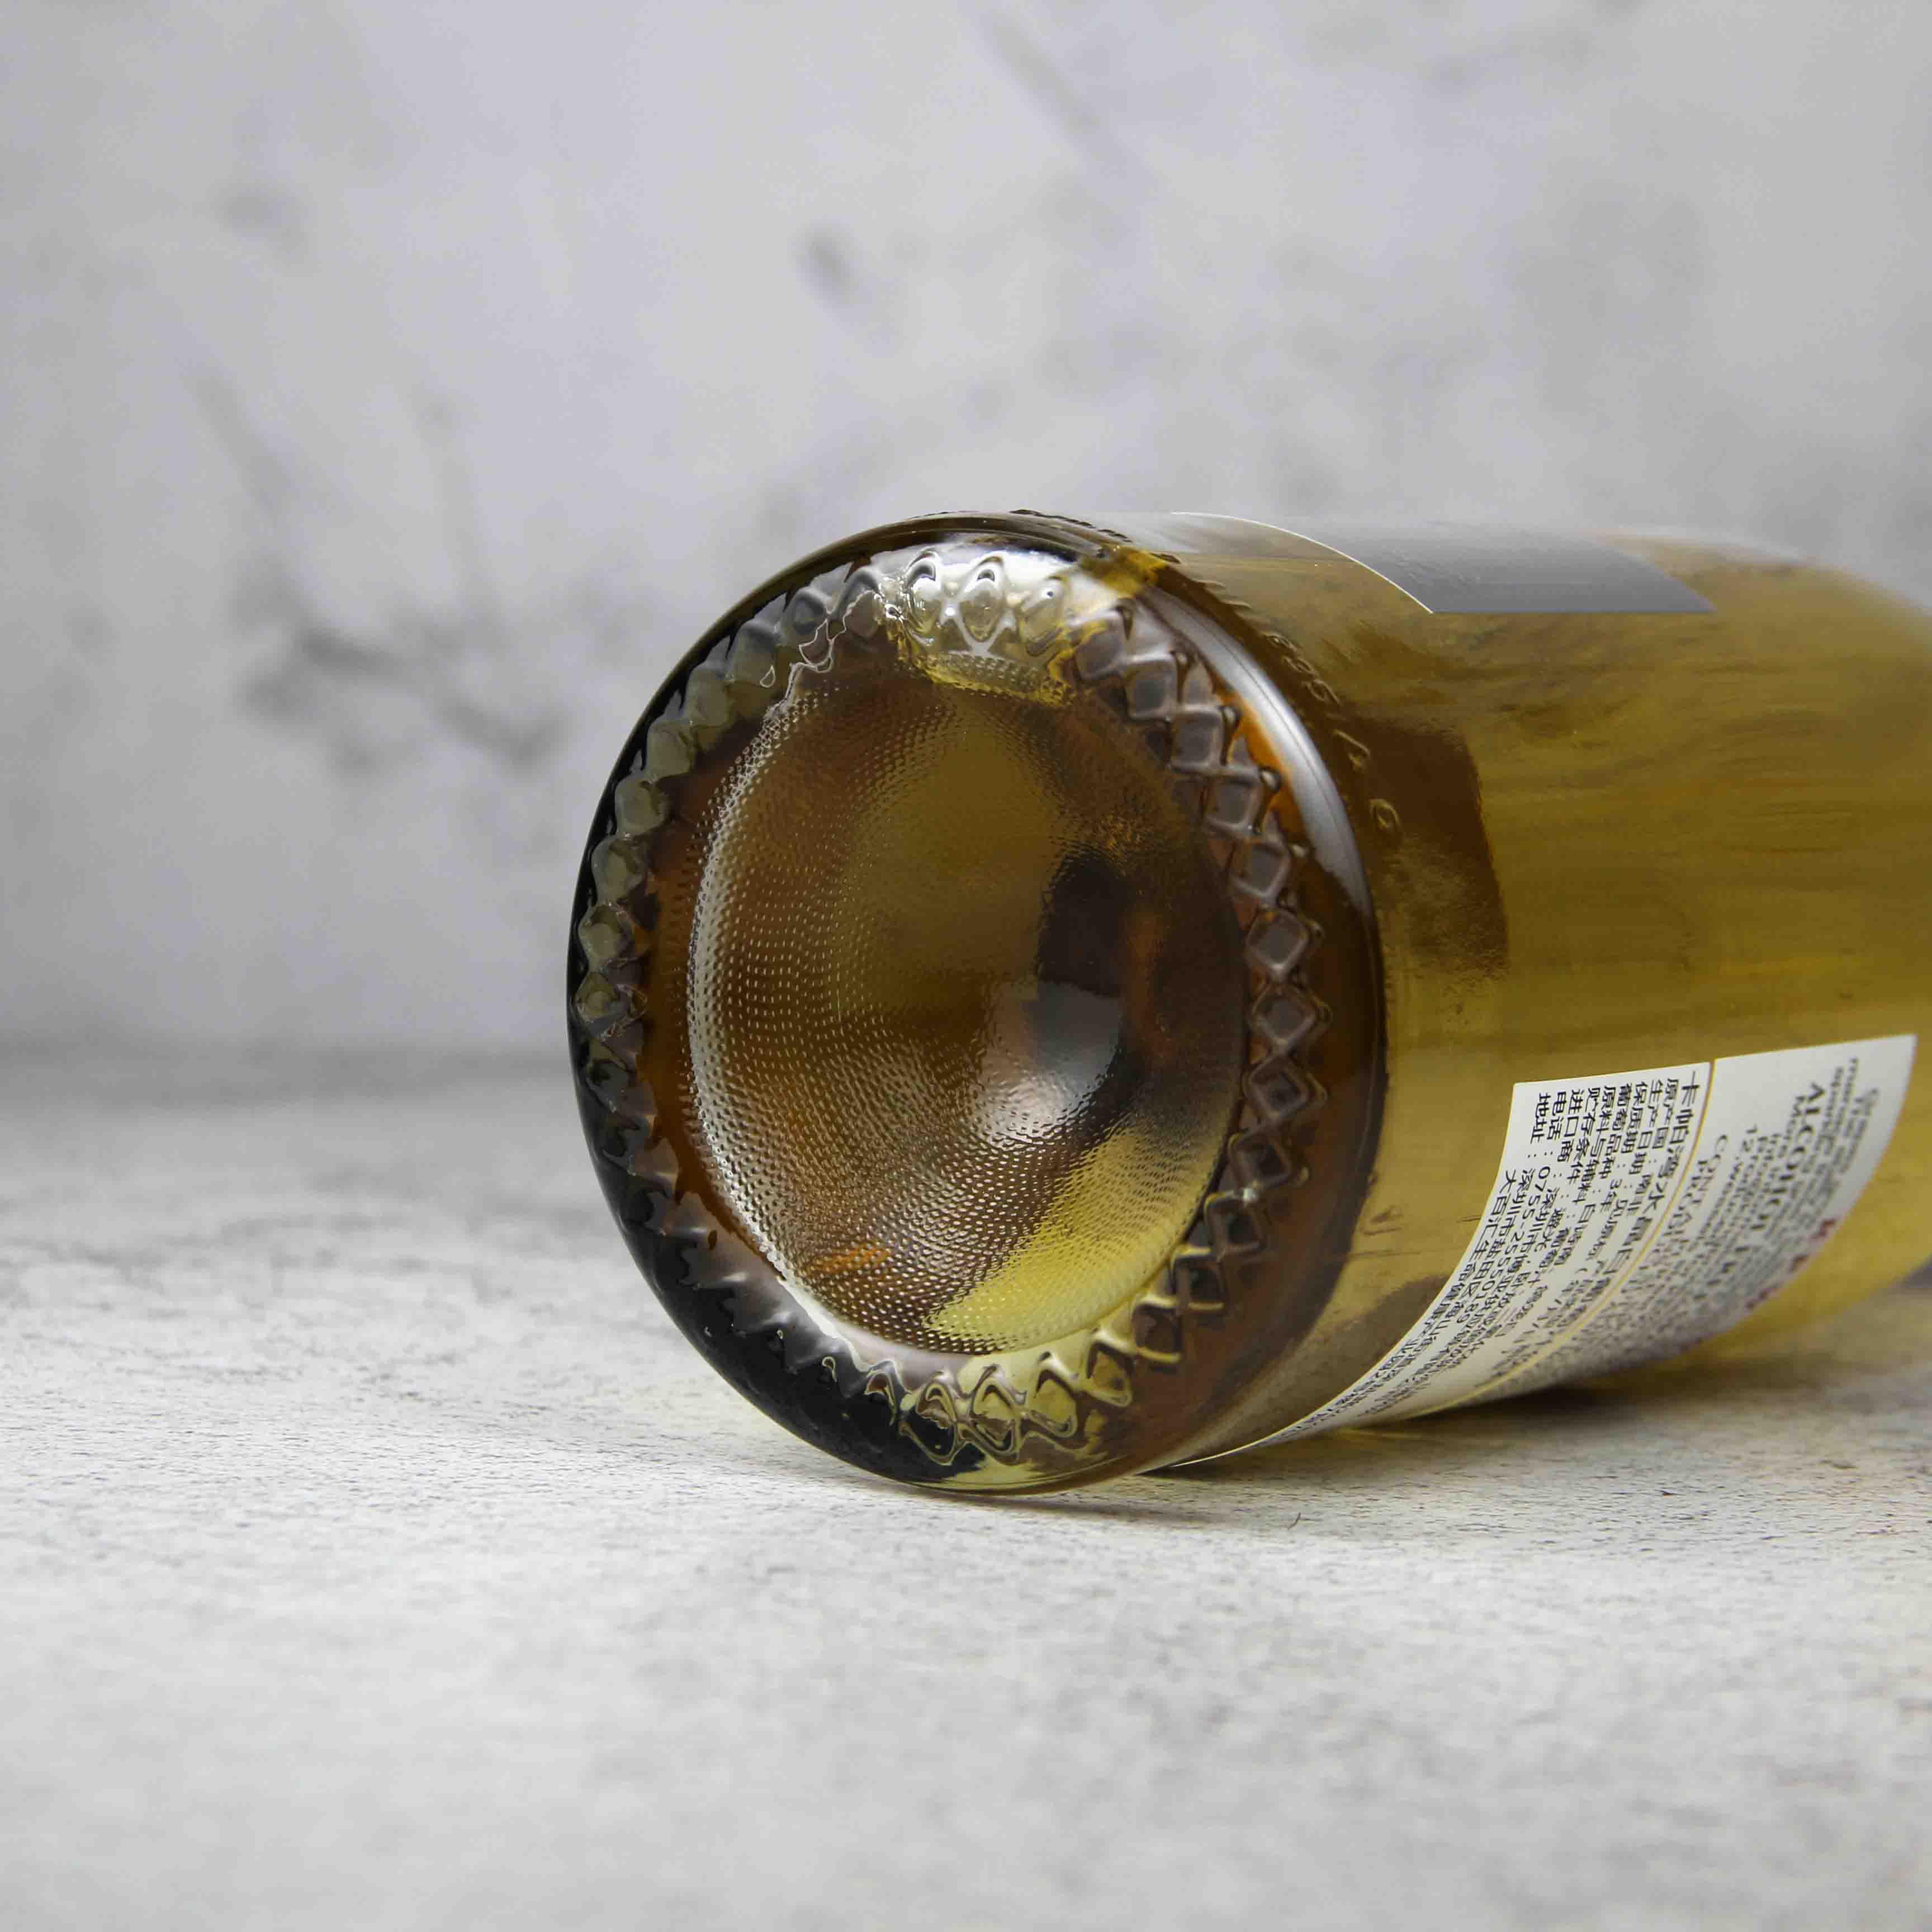 南非西开普乐诗登酒庄卡帕湾水晶无醇气泡葡萄汁